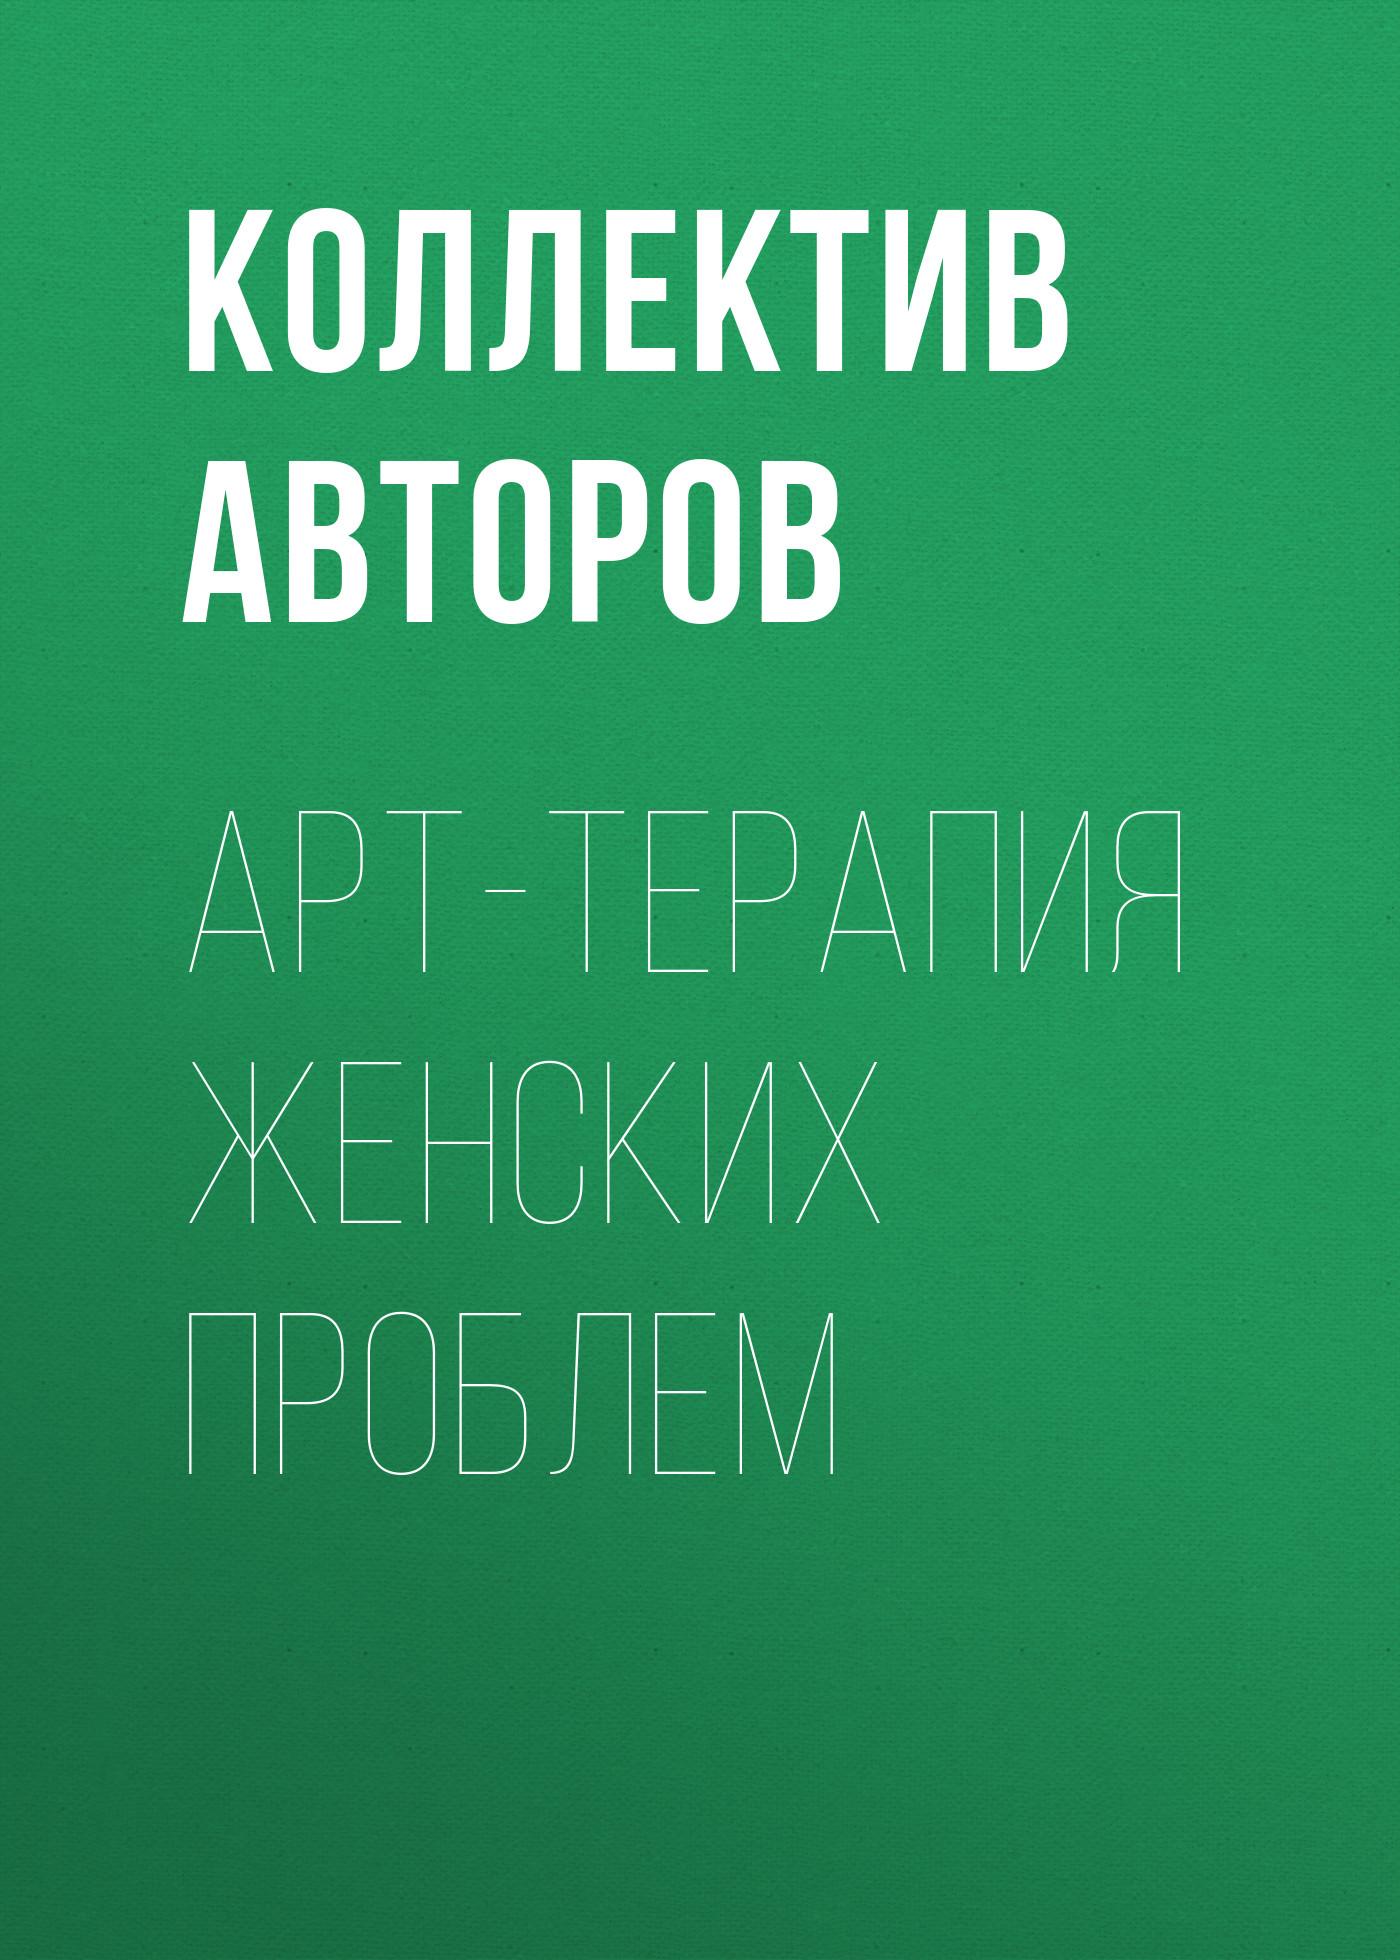 цена на Коллектив авторов Арт-терапия женских проблем